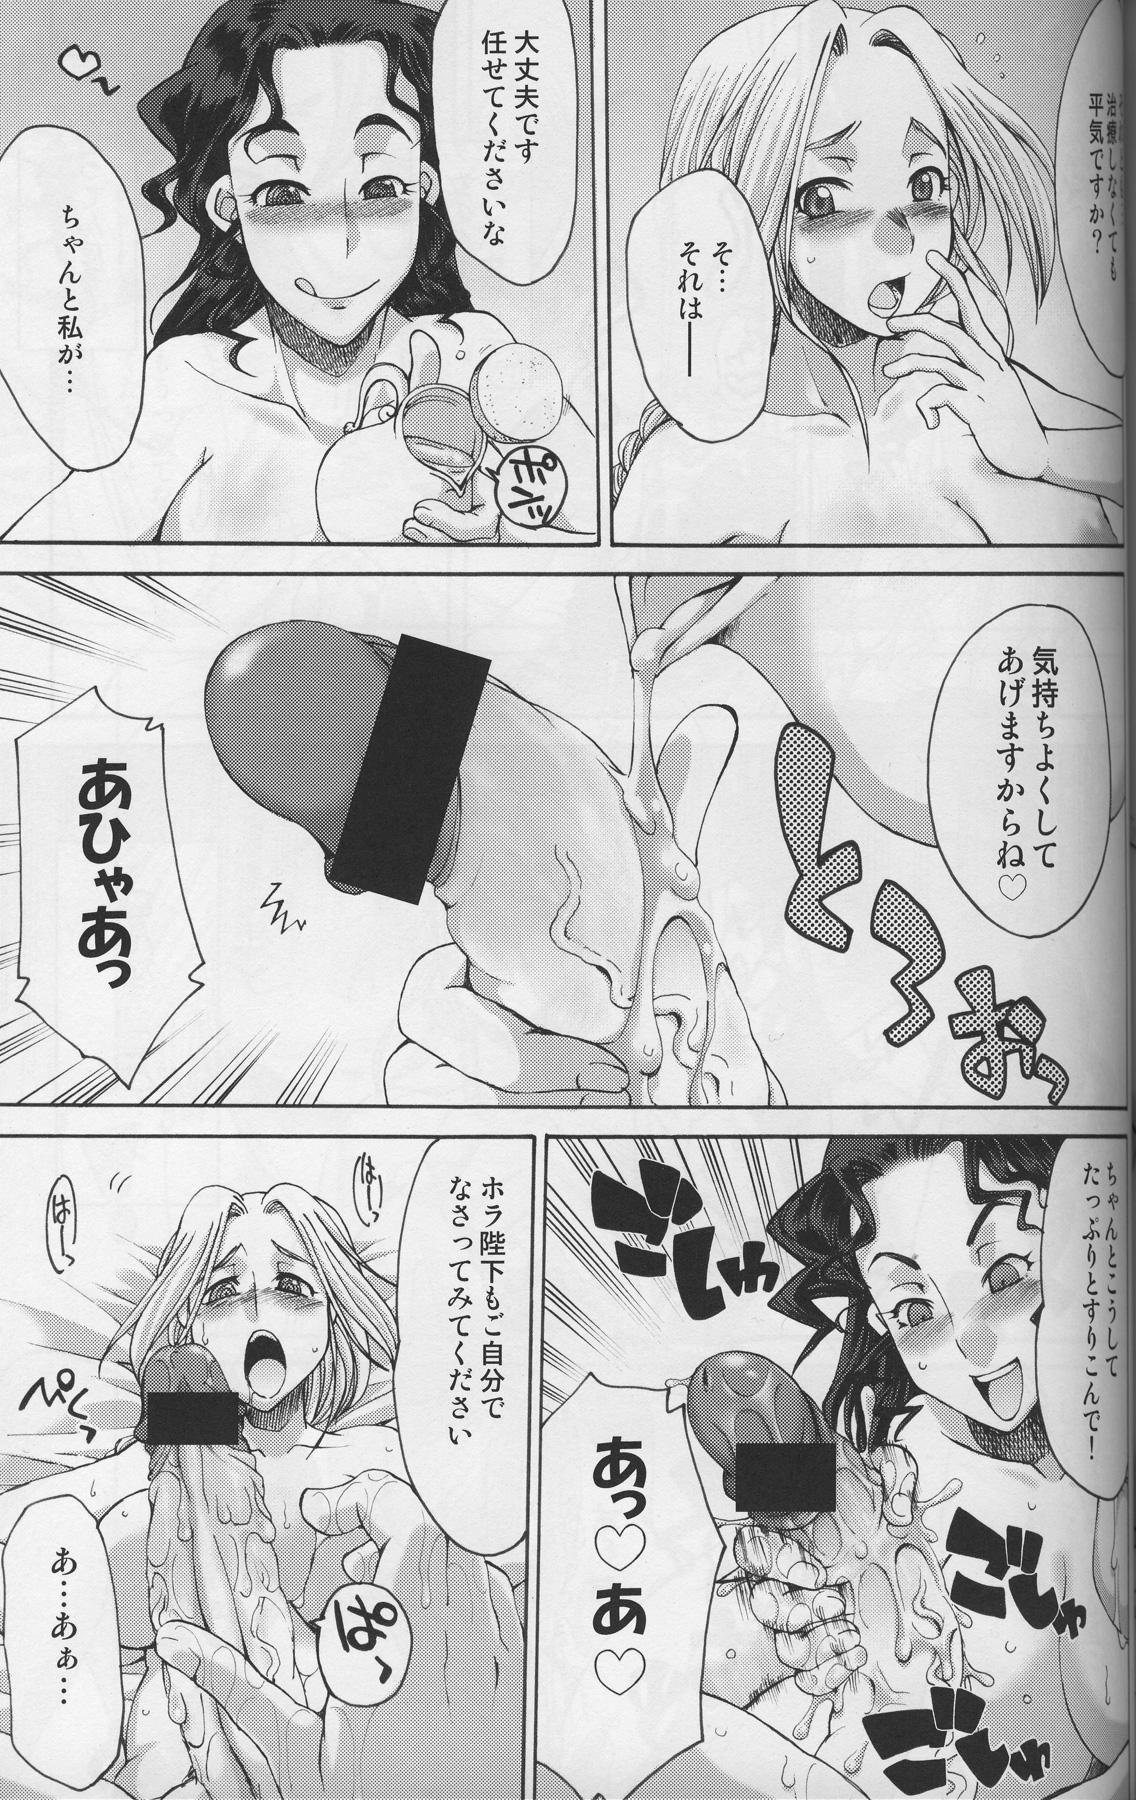 Komakasugite Tsutawaranai Ero Doujin Senshuken Haru no Nijikan SPECIAL 46